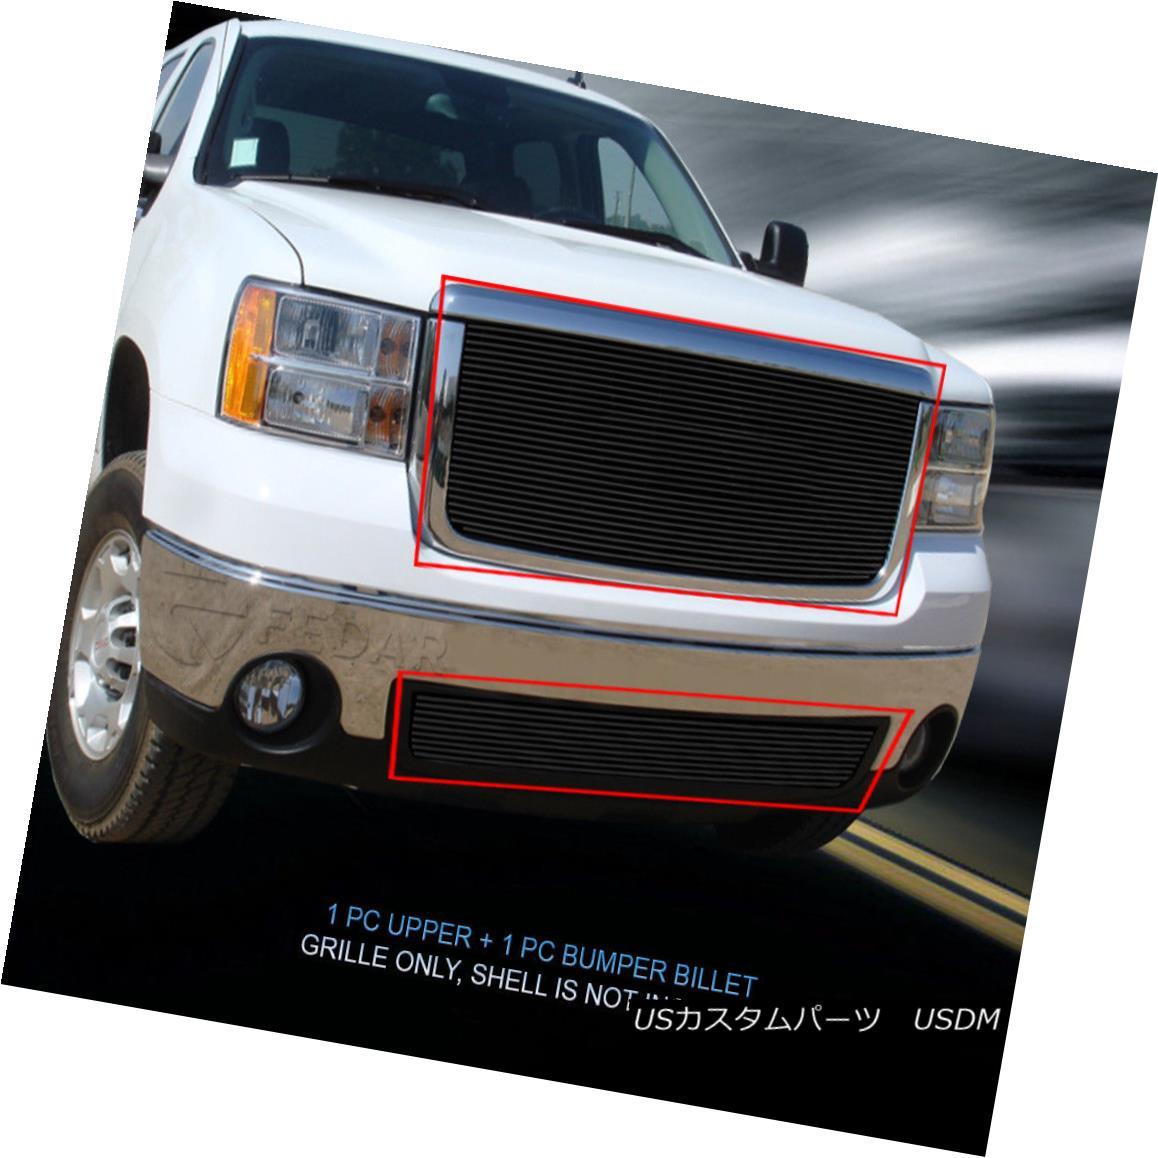 グリル 07-13 GMC Sierra 1500 New Body /07-10 Denali Black Billet Grille Combo Fedar 07-13 GMC Sierra 1500ニューボディ/ 07-10デナリブラックビレットグリルコンボ・フェルダ